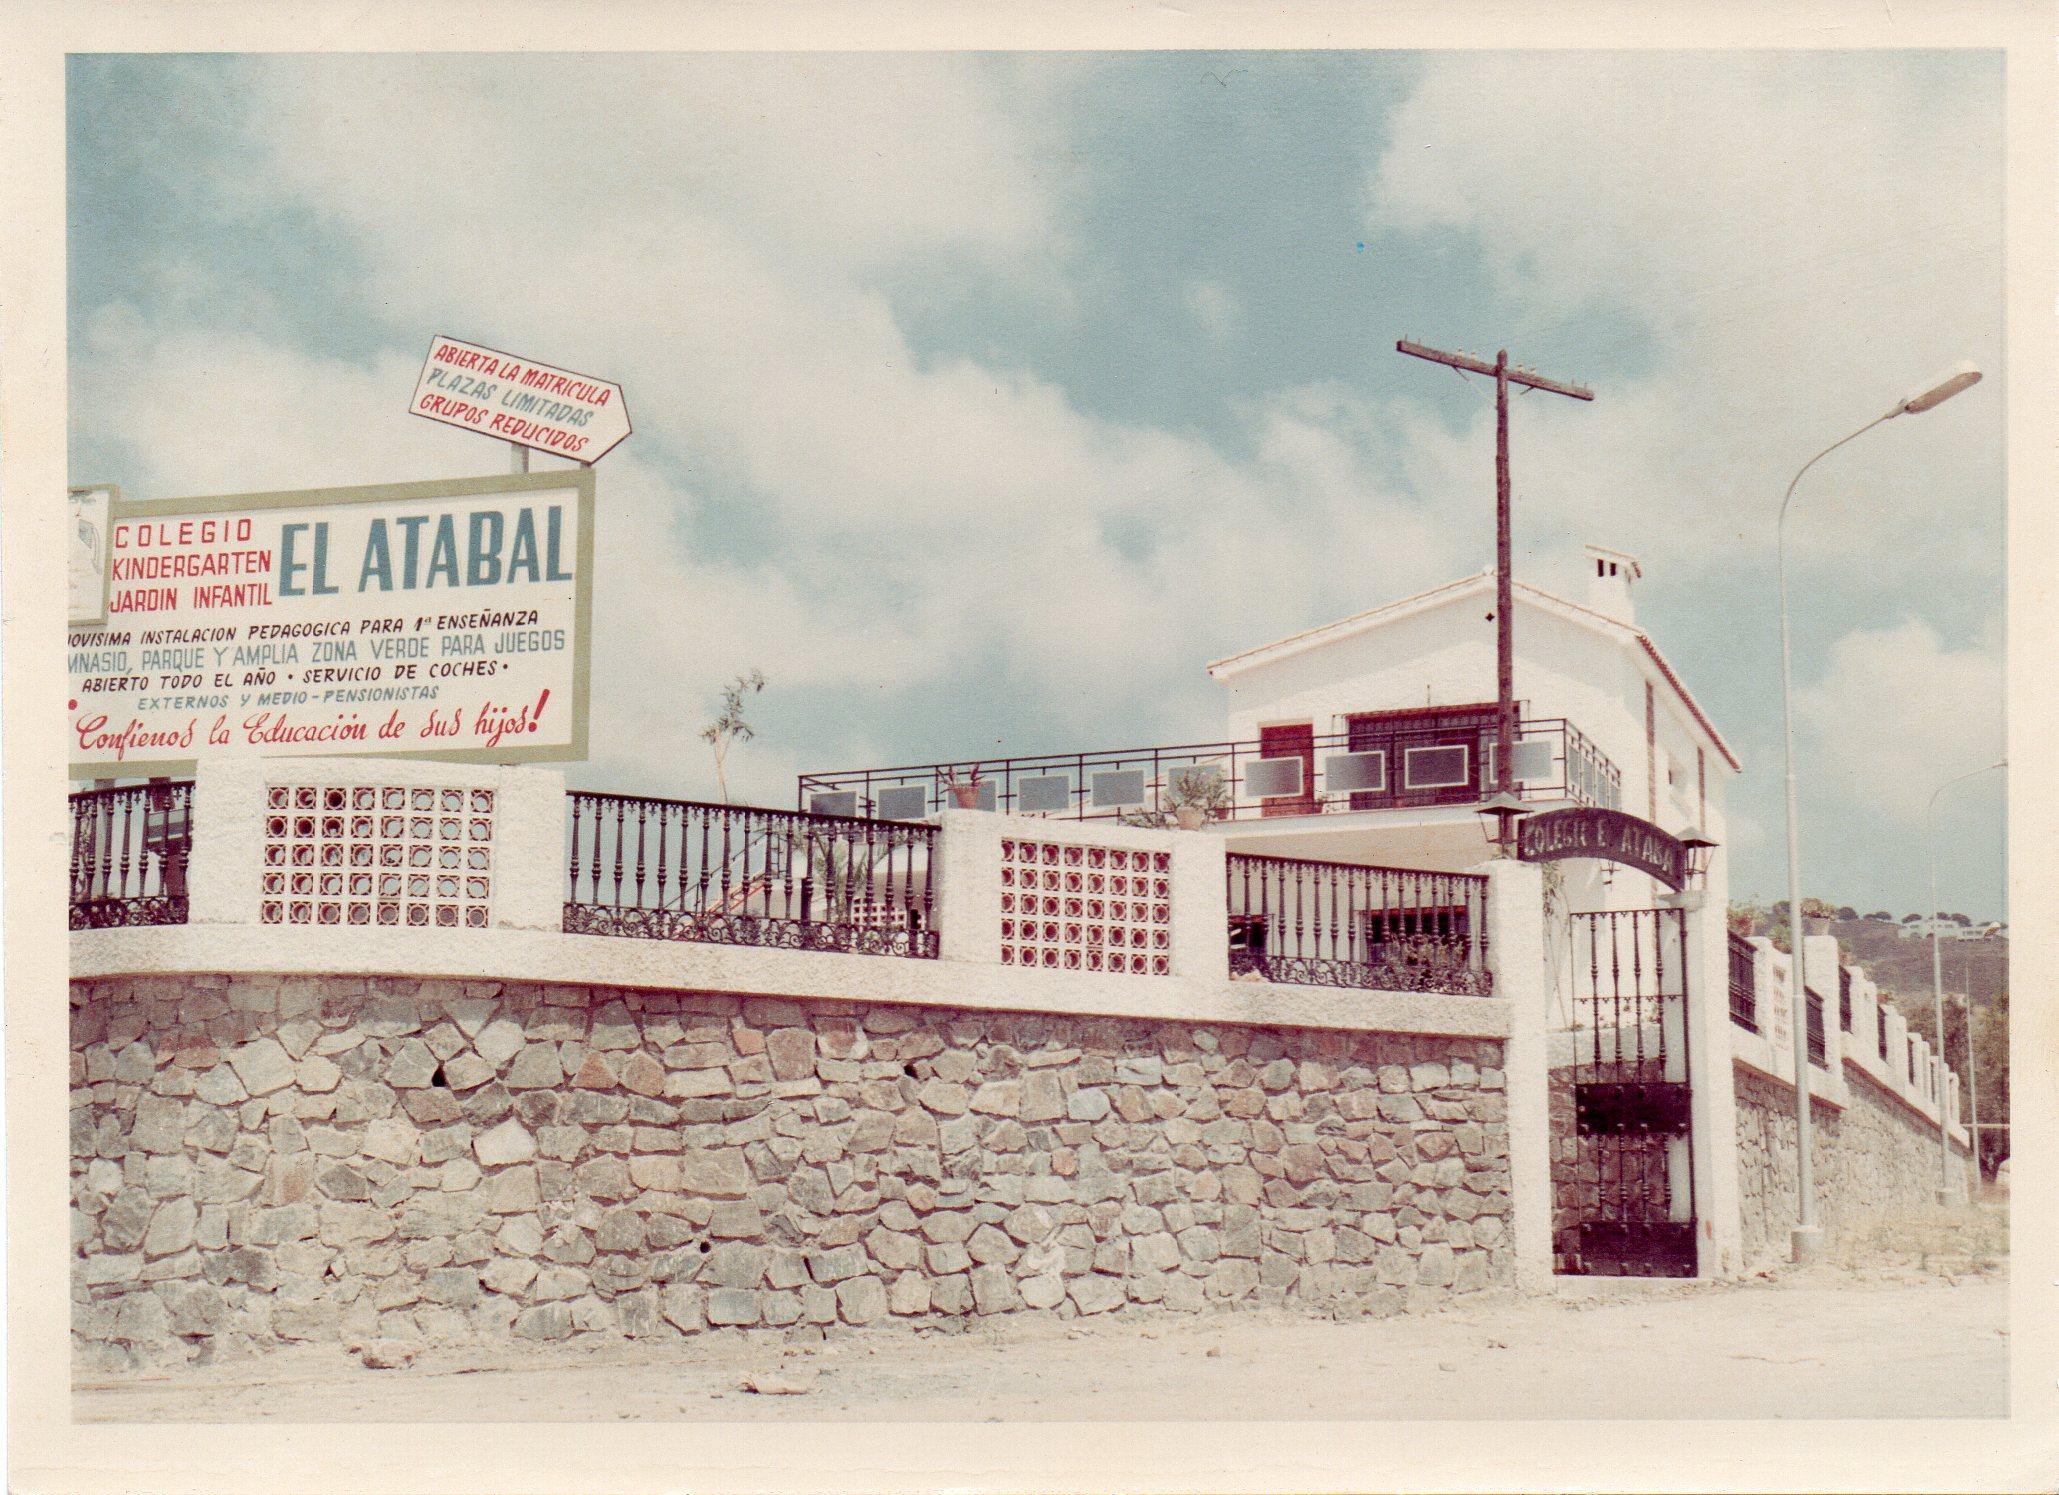 El Atabal, 50 años de pedagogía activa